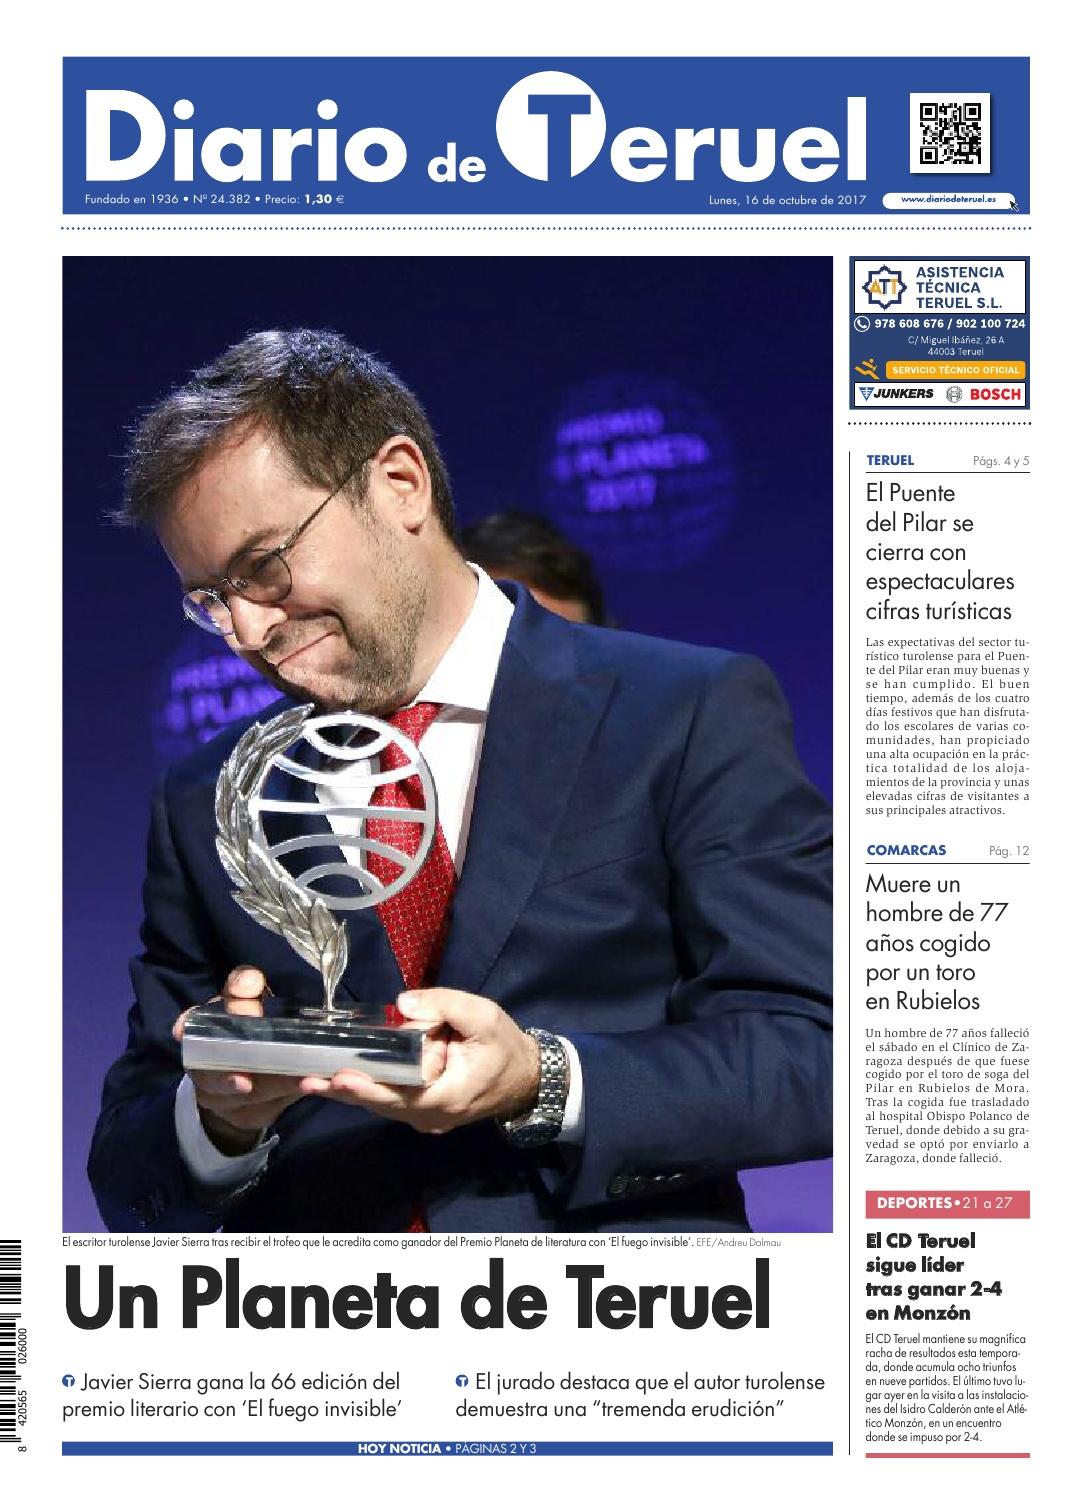 20171016 DIARIO DE TERUEL Un Planeta de Teruel